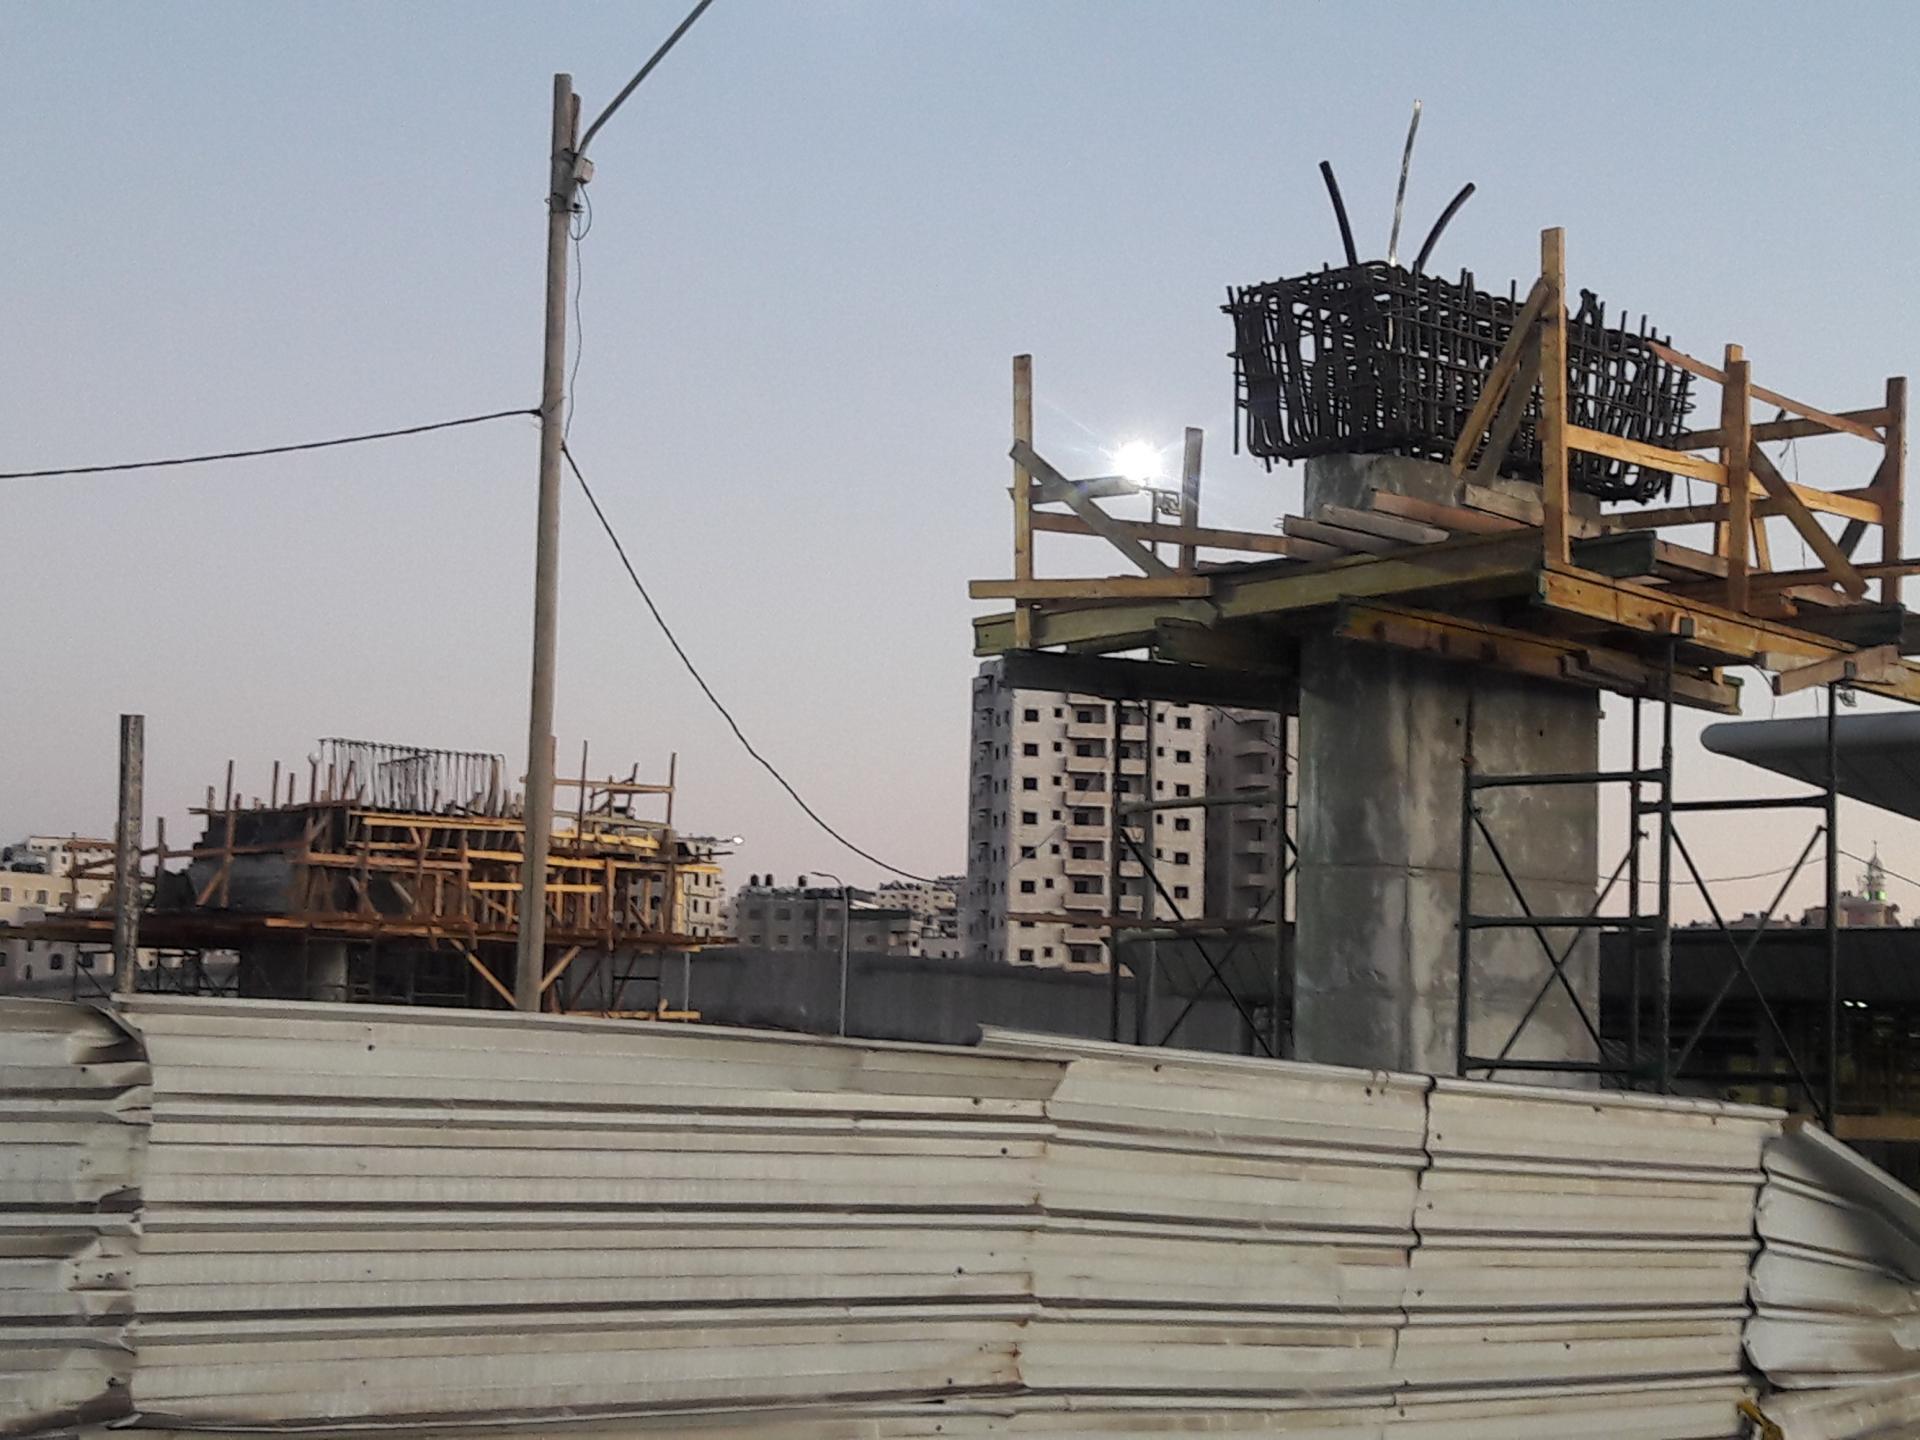 עבודות להכנת גשר בצד הישראלי